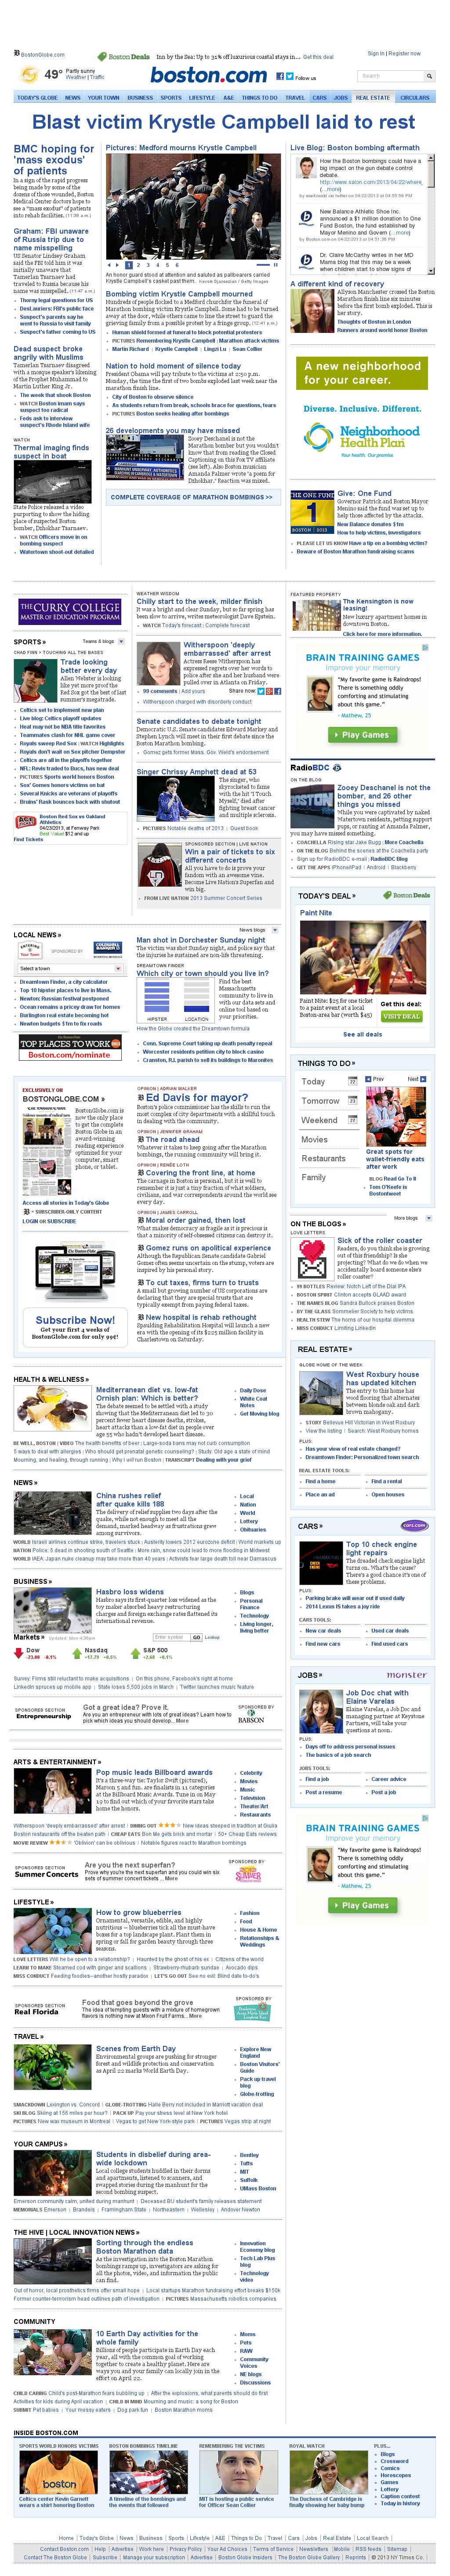 Boston.com at Monday April 22, 2013, 5:02 p.m. UTC